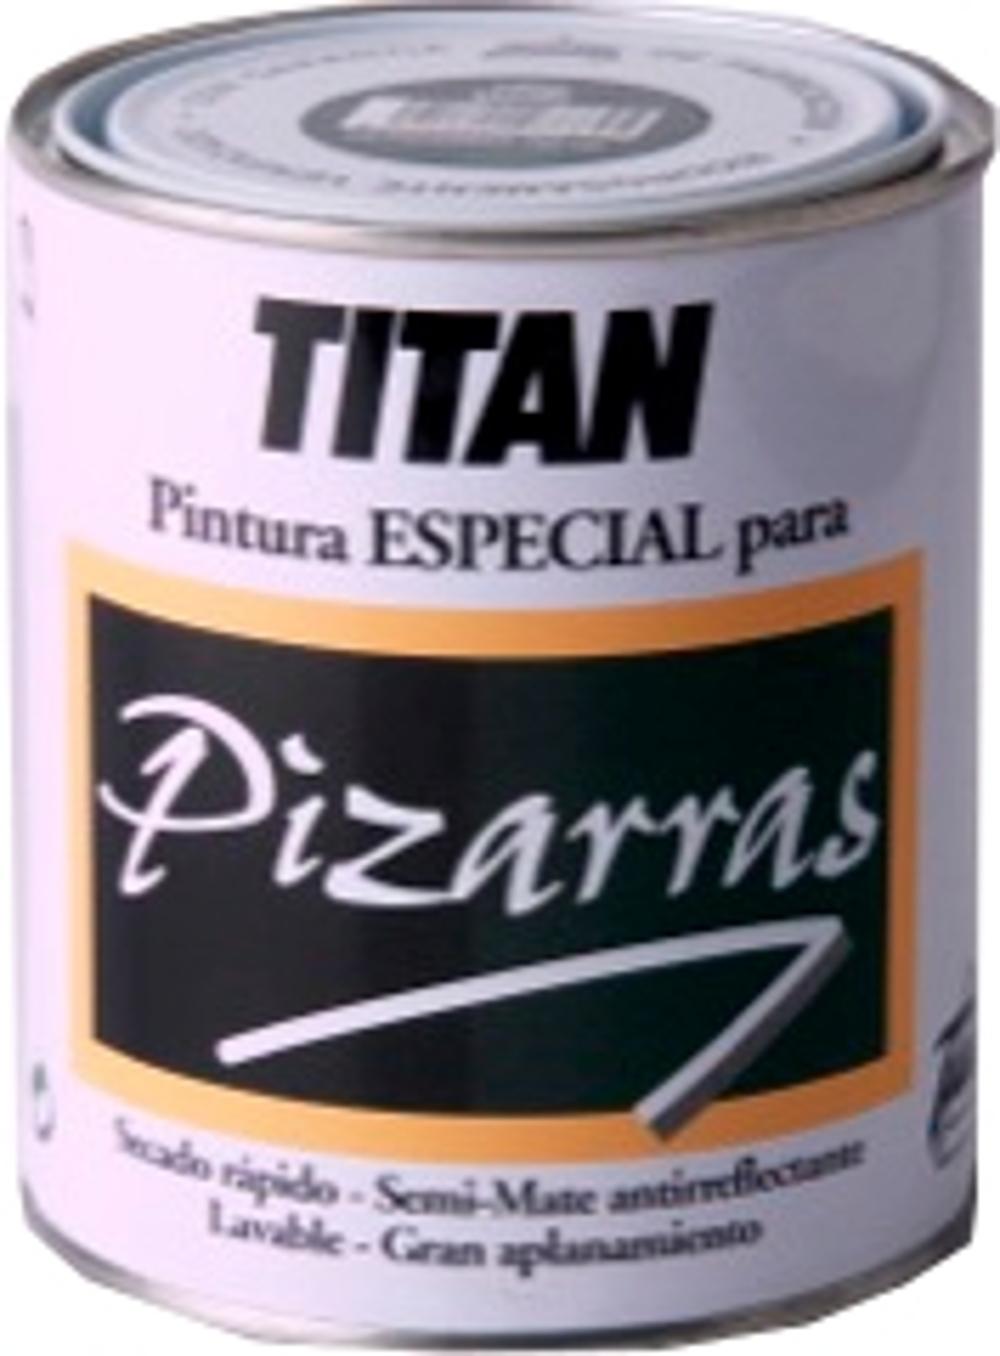 PINTURA PIZARRAS TITAN